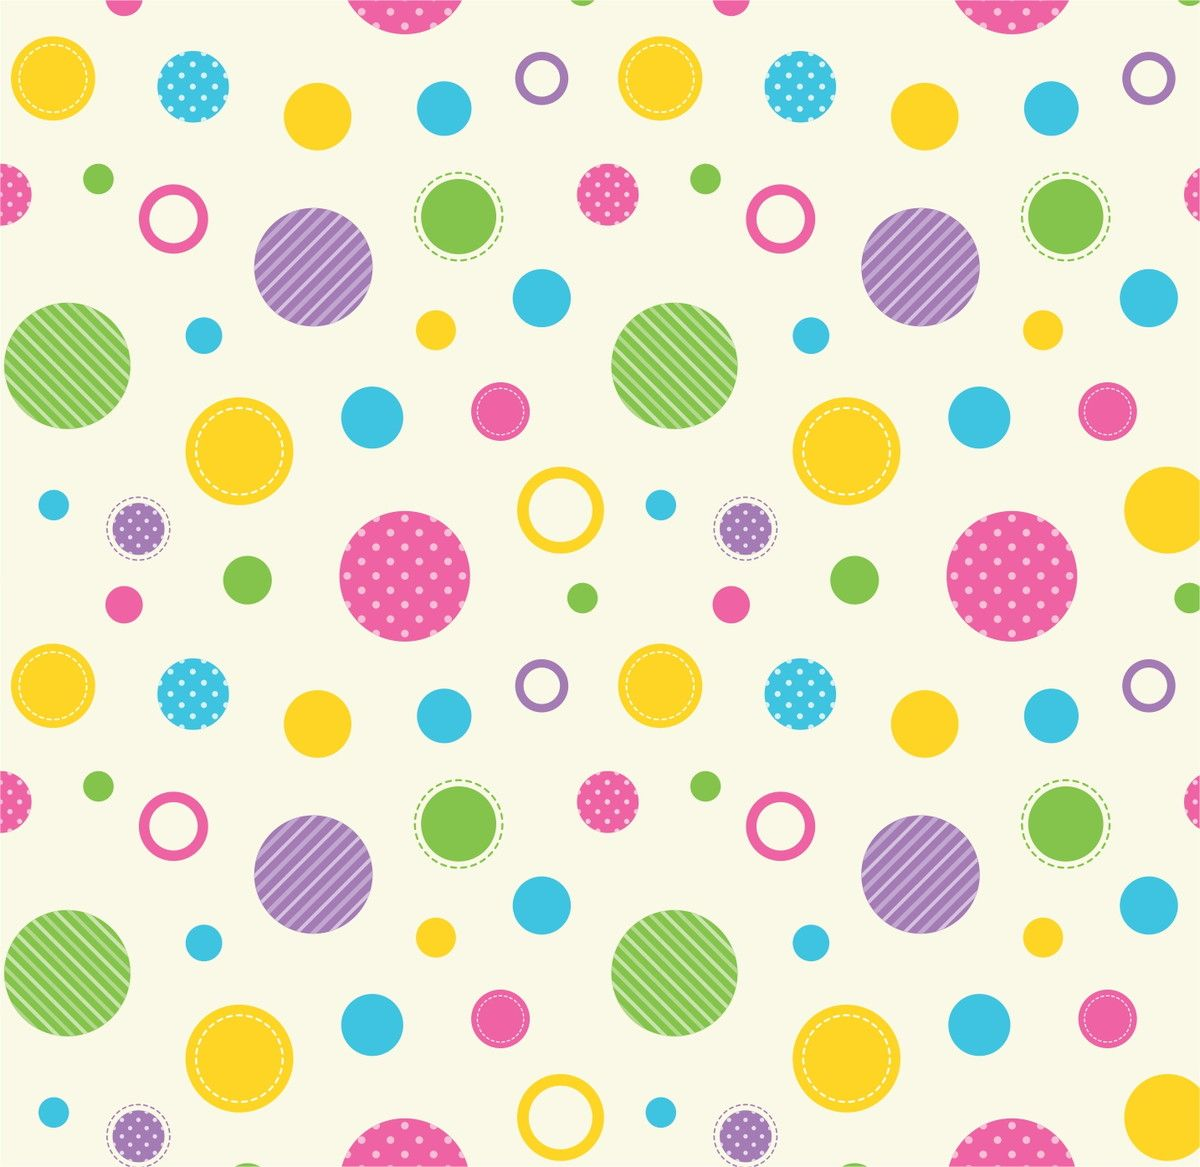 Papel de Parede Bolinhas Coloridas 548CB0